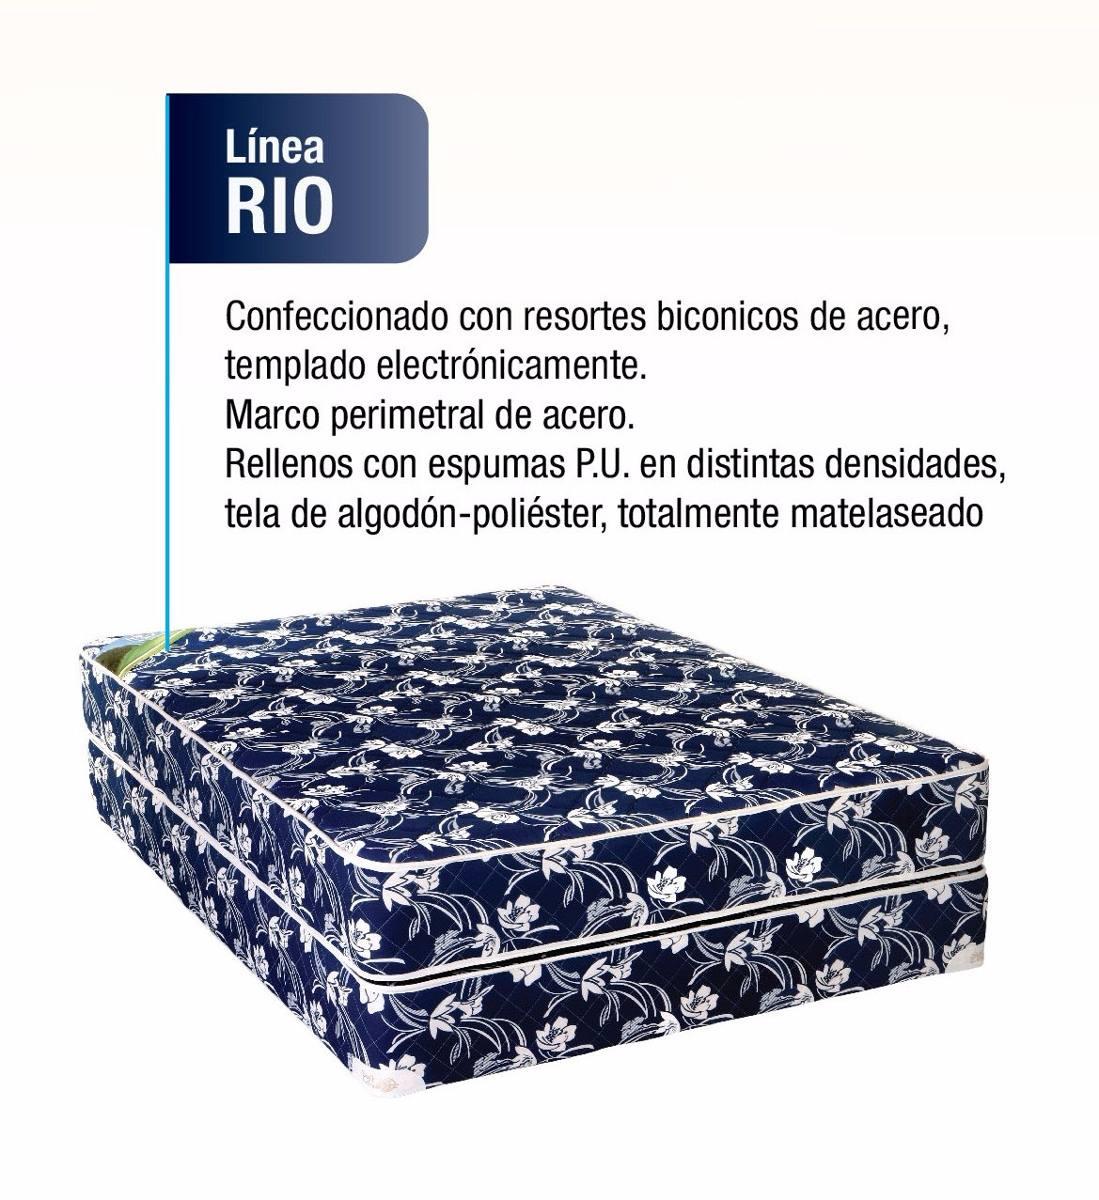 Conjunto De Somier 2 Plazas Colchon De Resortes Rio 4 599 00  # Muebles Relleno Solana